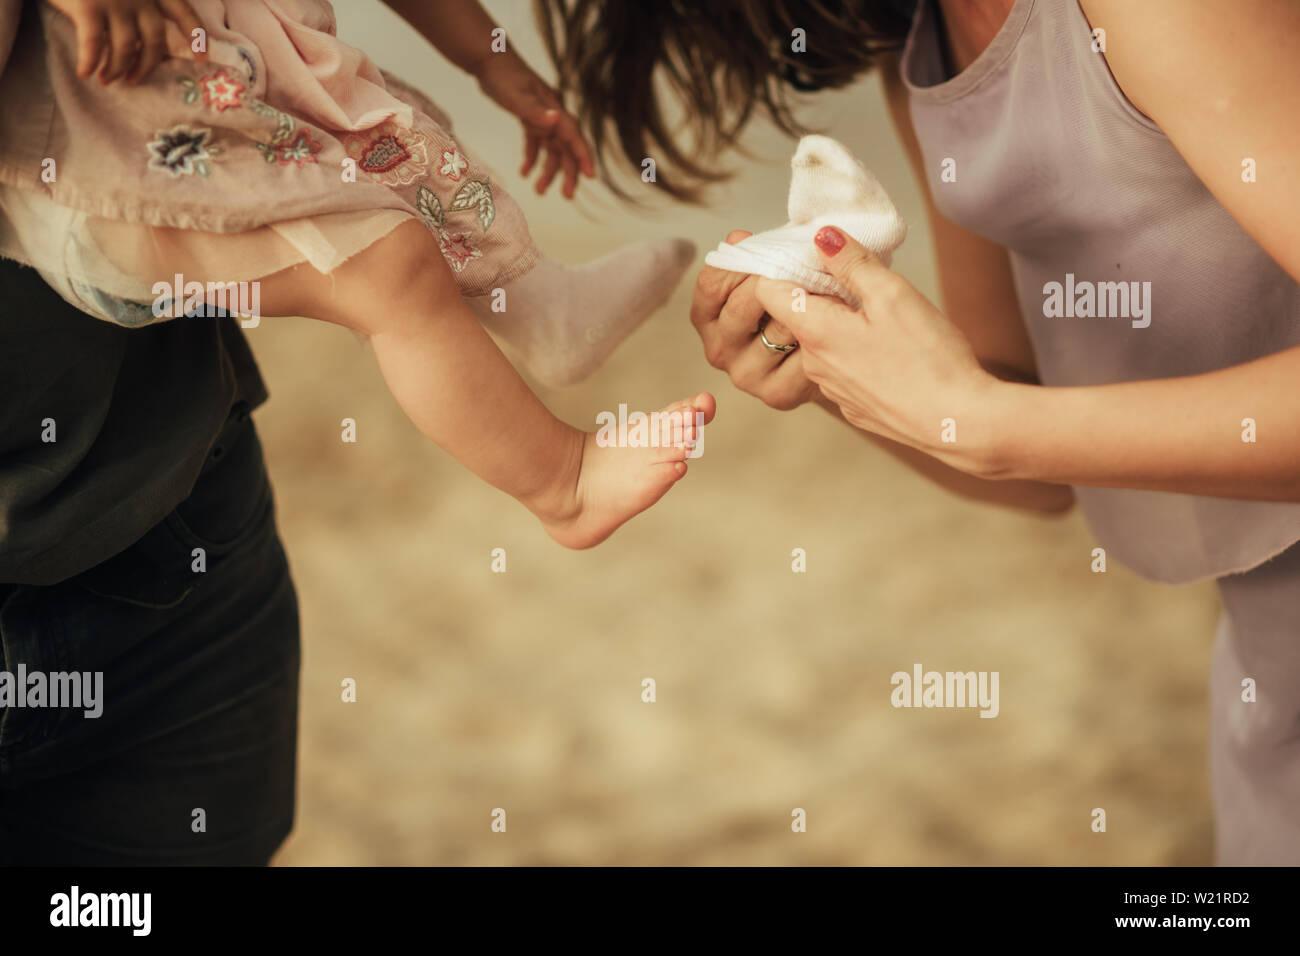 Madre pone un calcetín en el pie de su hija pequeña. Closeup. Foto de stock